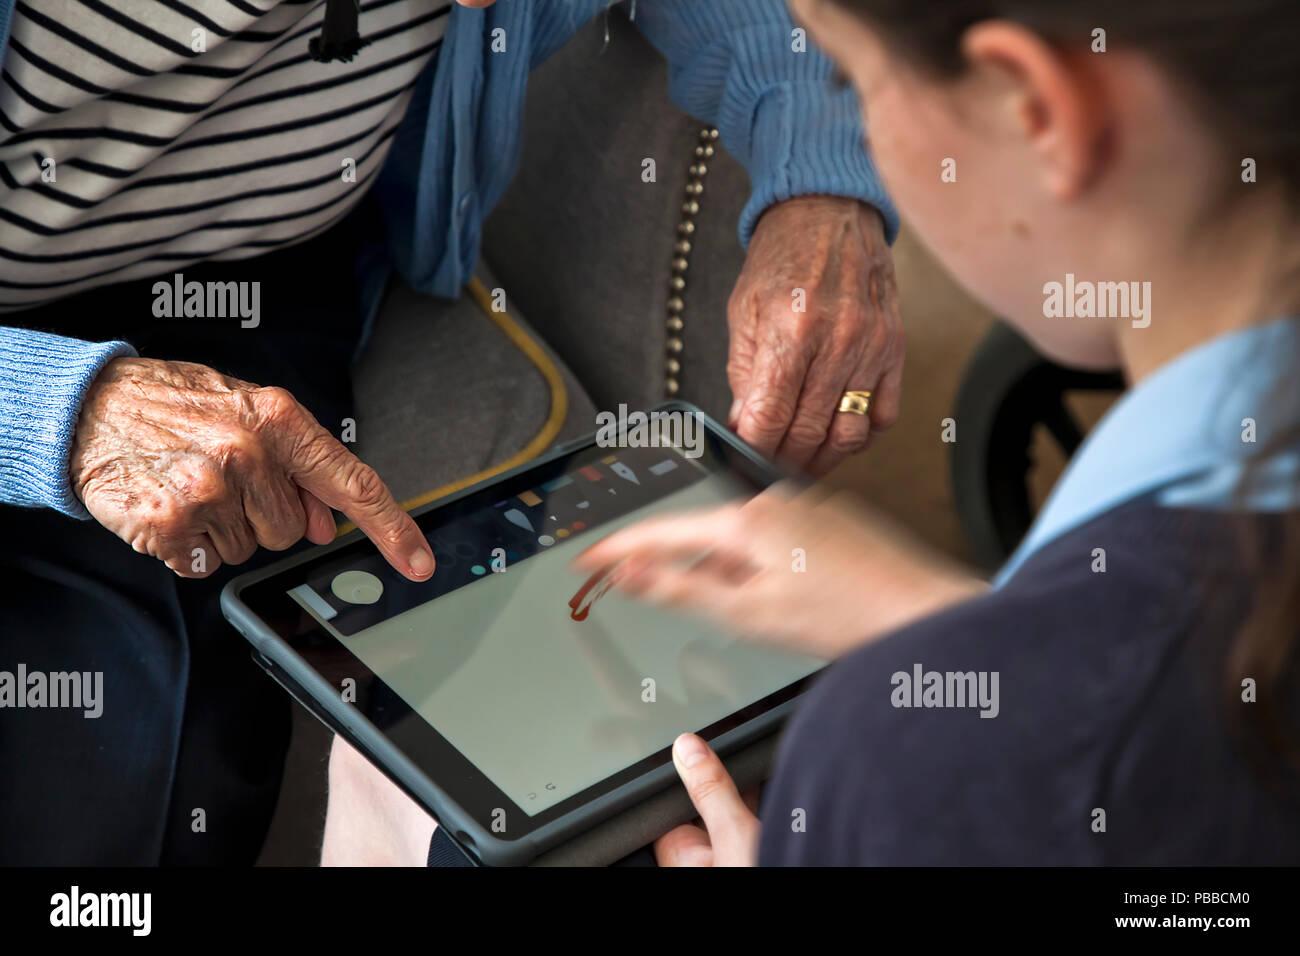 Junge Schulmädchen lehre es Fähigkeiten älterer Bürger auf Tablet über die Schulter pov Stockbild